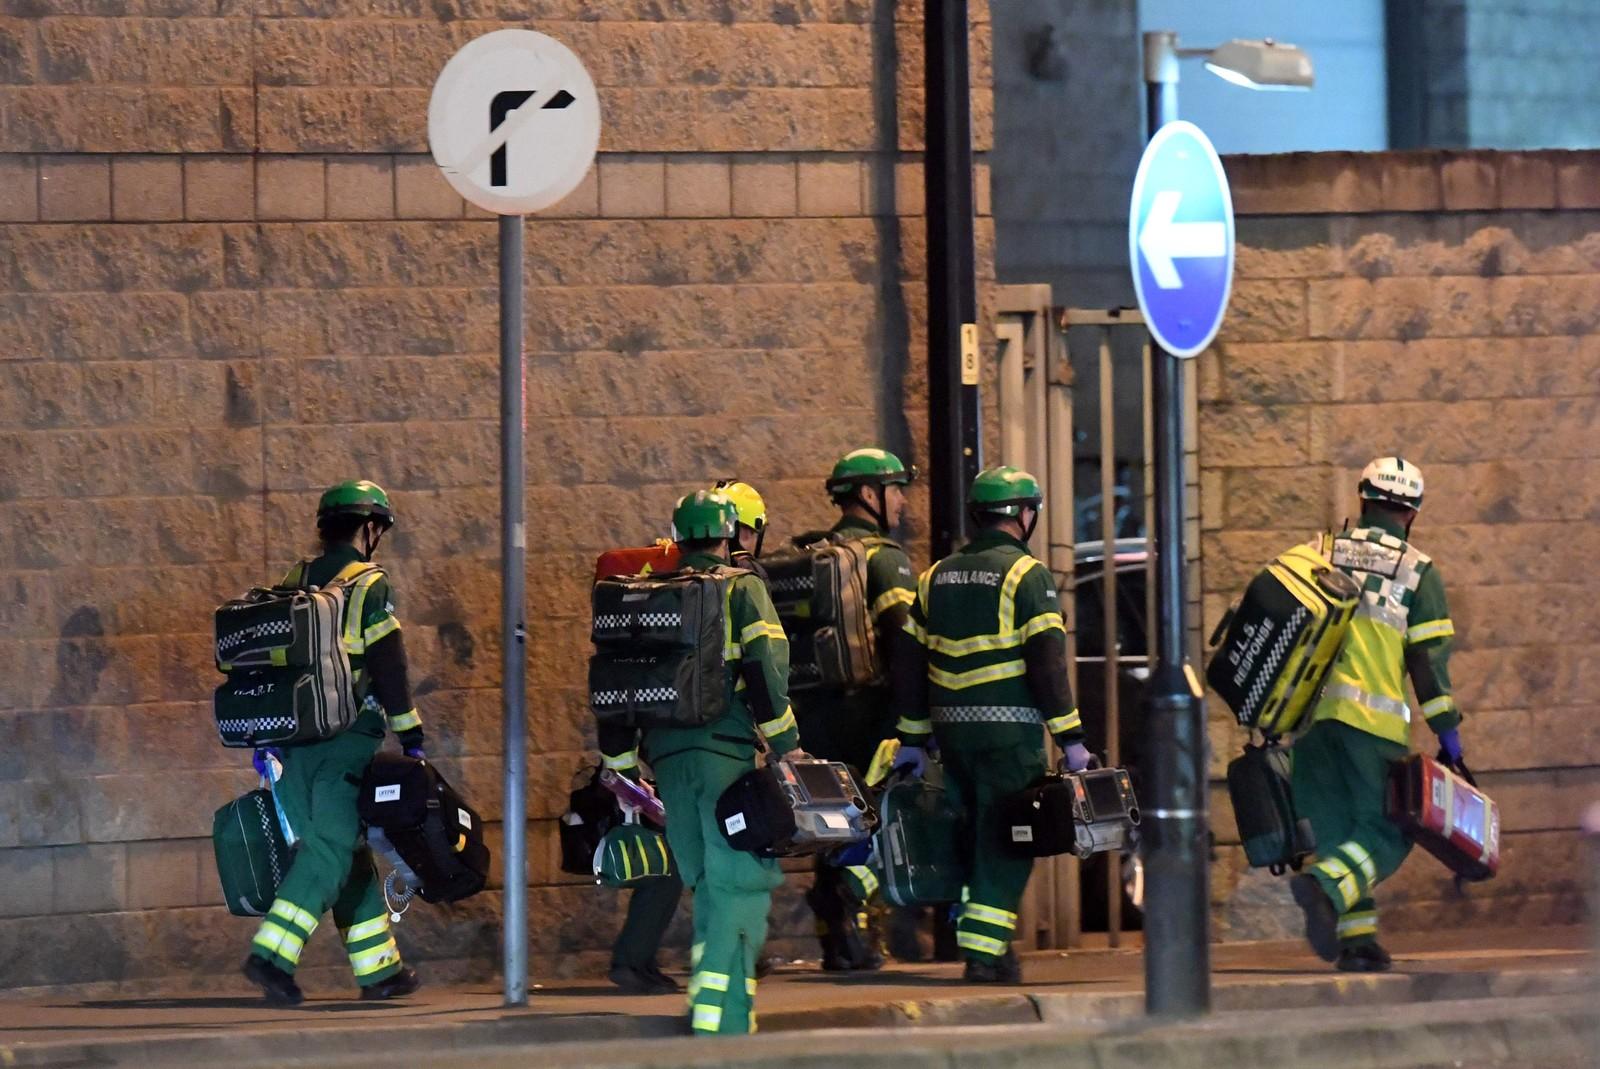 Flere titalls ambulanser rykket ut til konsertlokalet for å ta hånd om skadde konsergjengere.